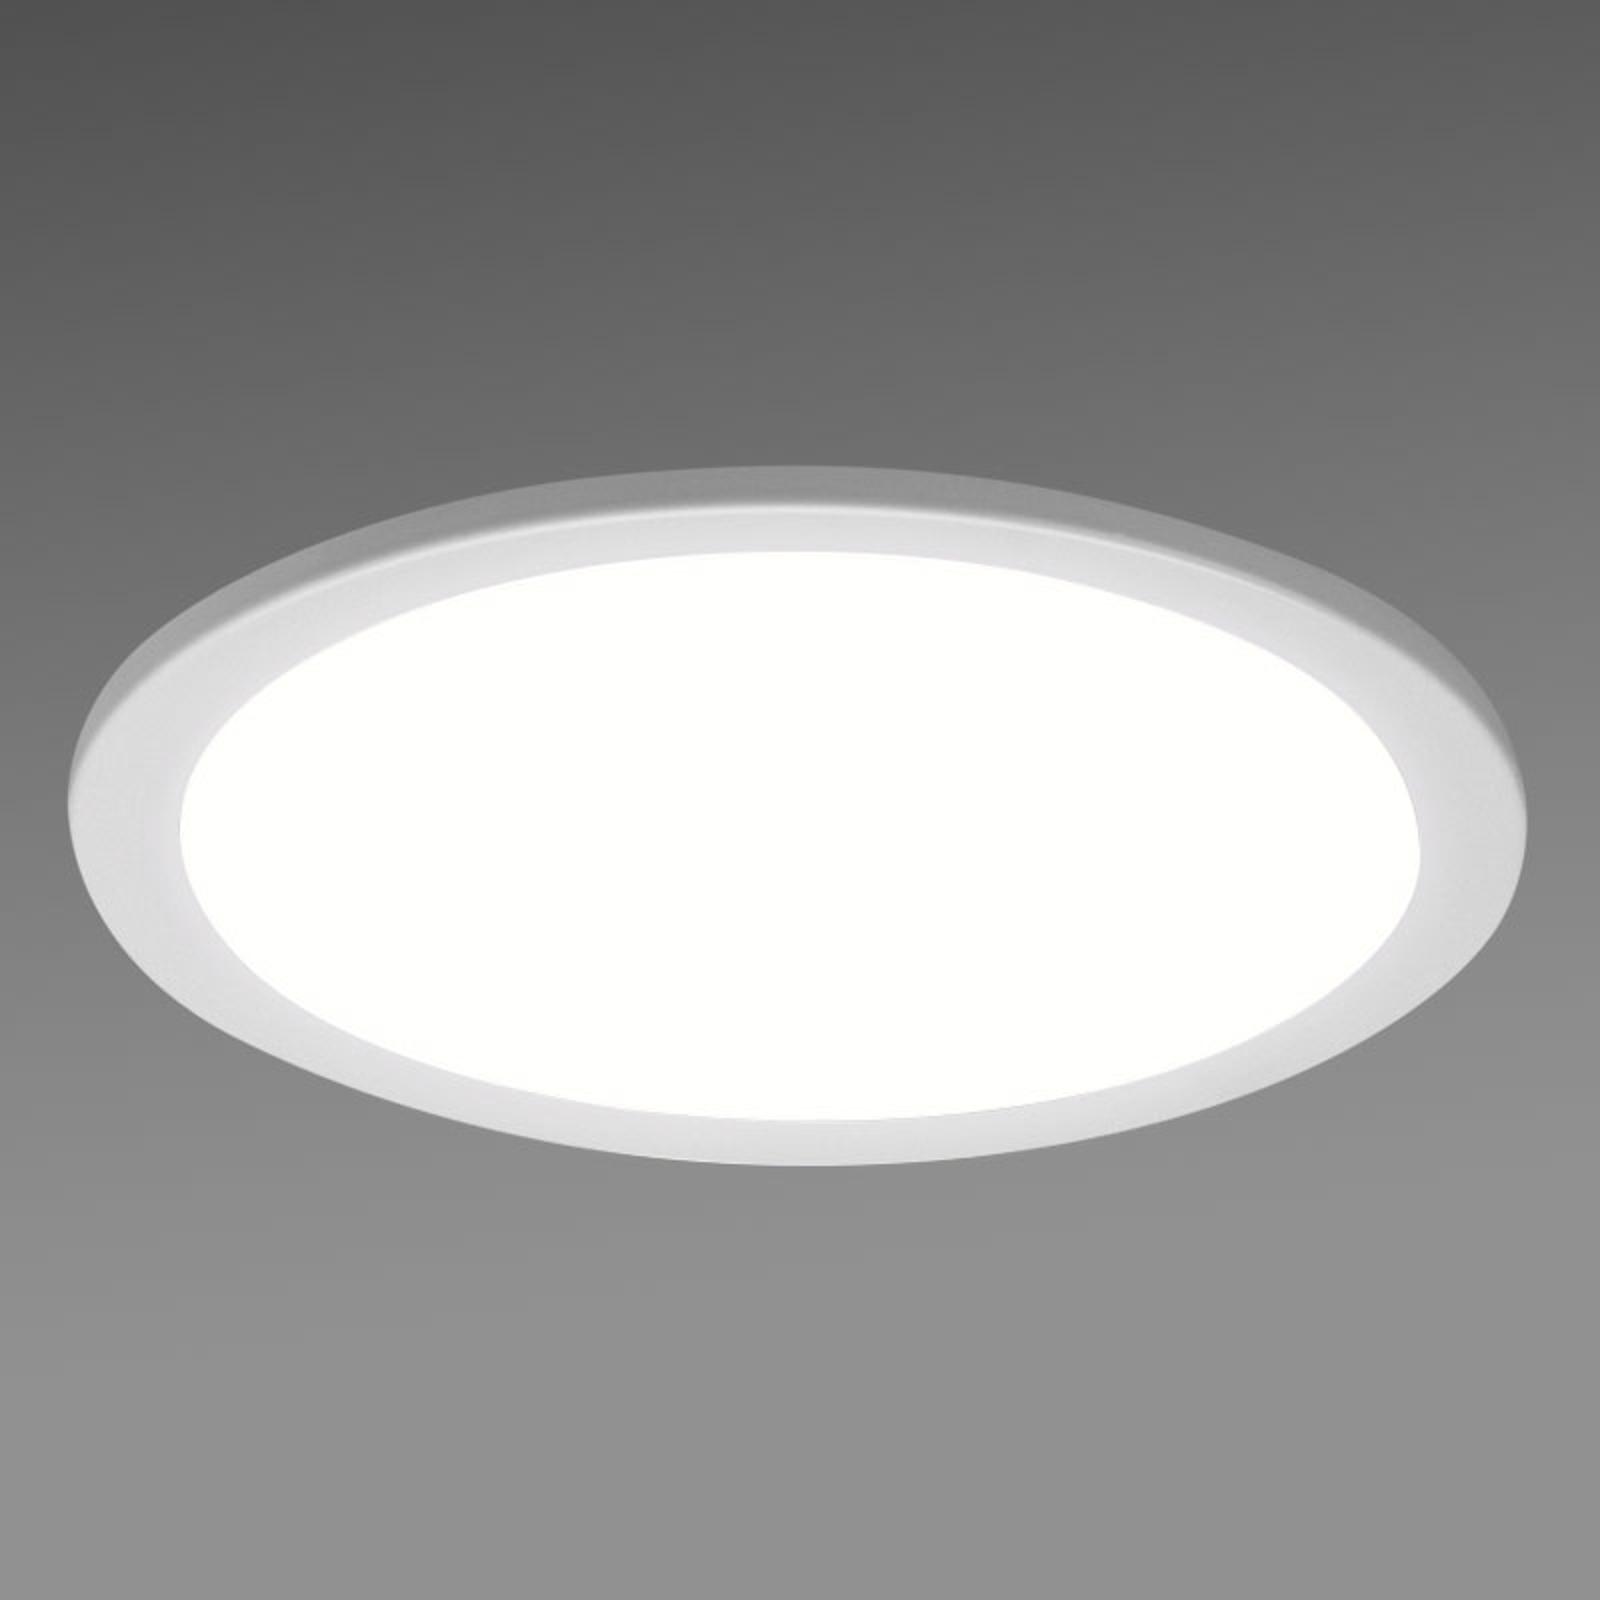 Ronde LED inbouw downlight SBLG, 3.000 K